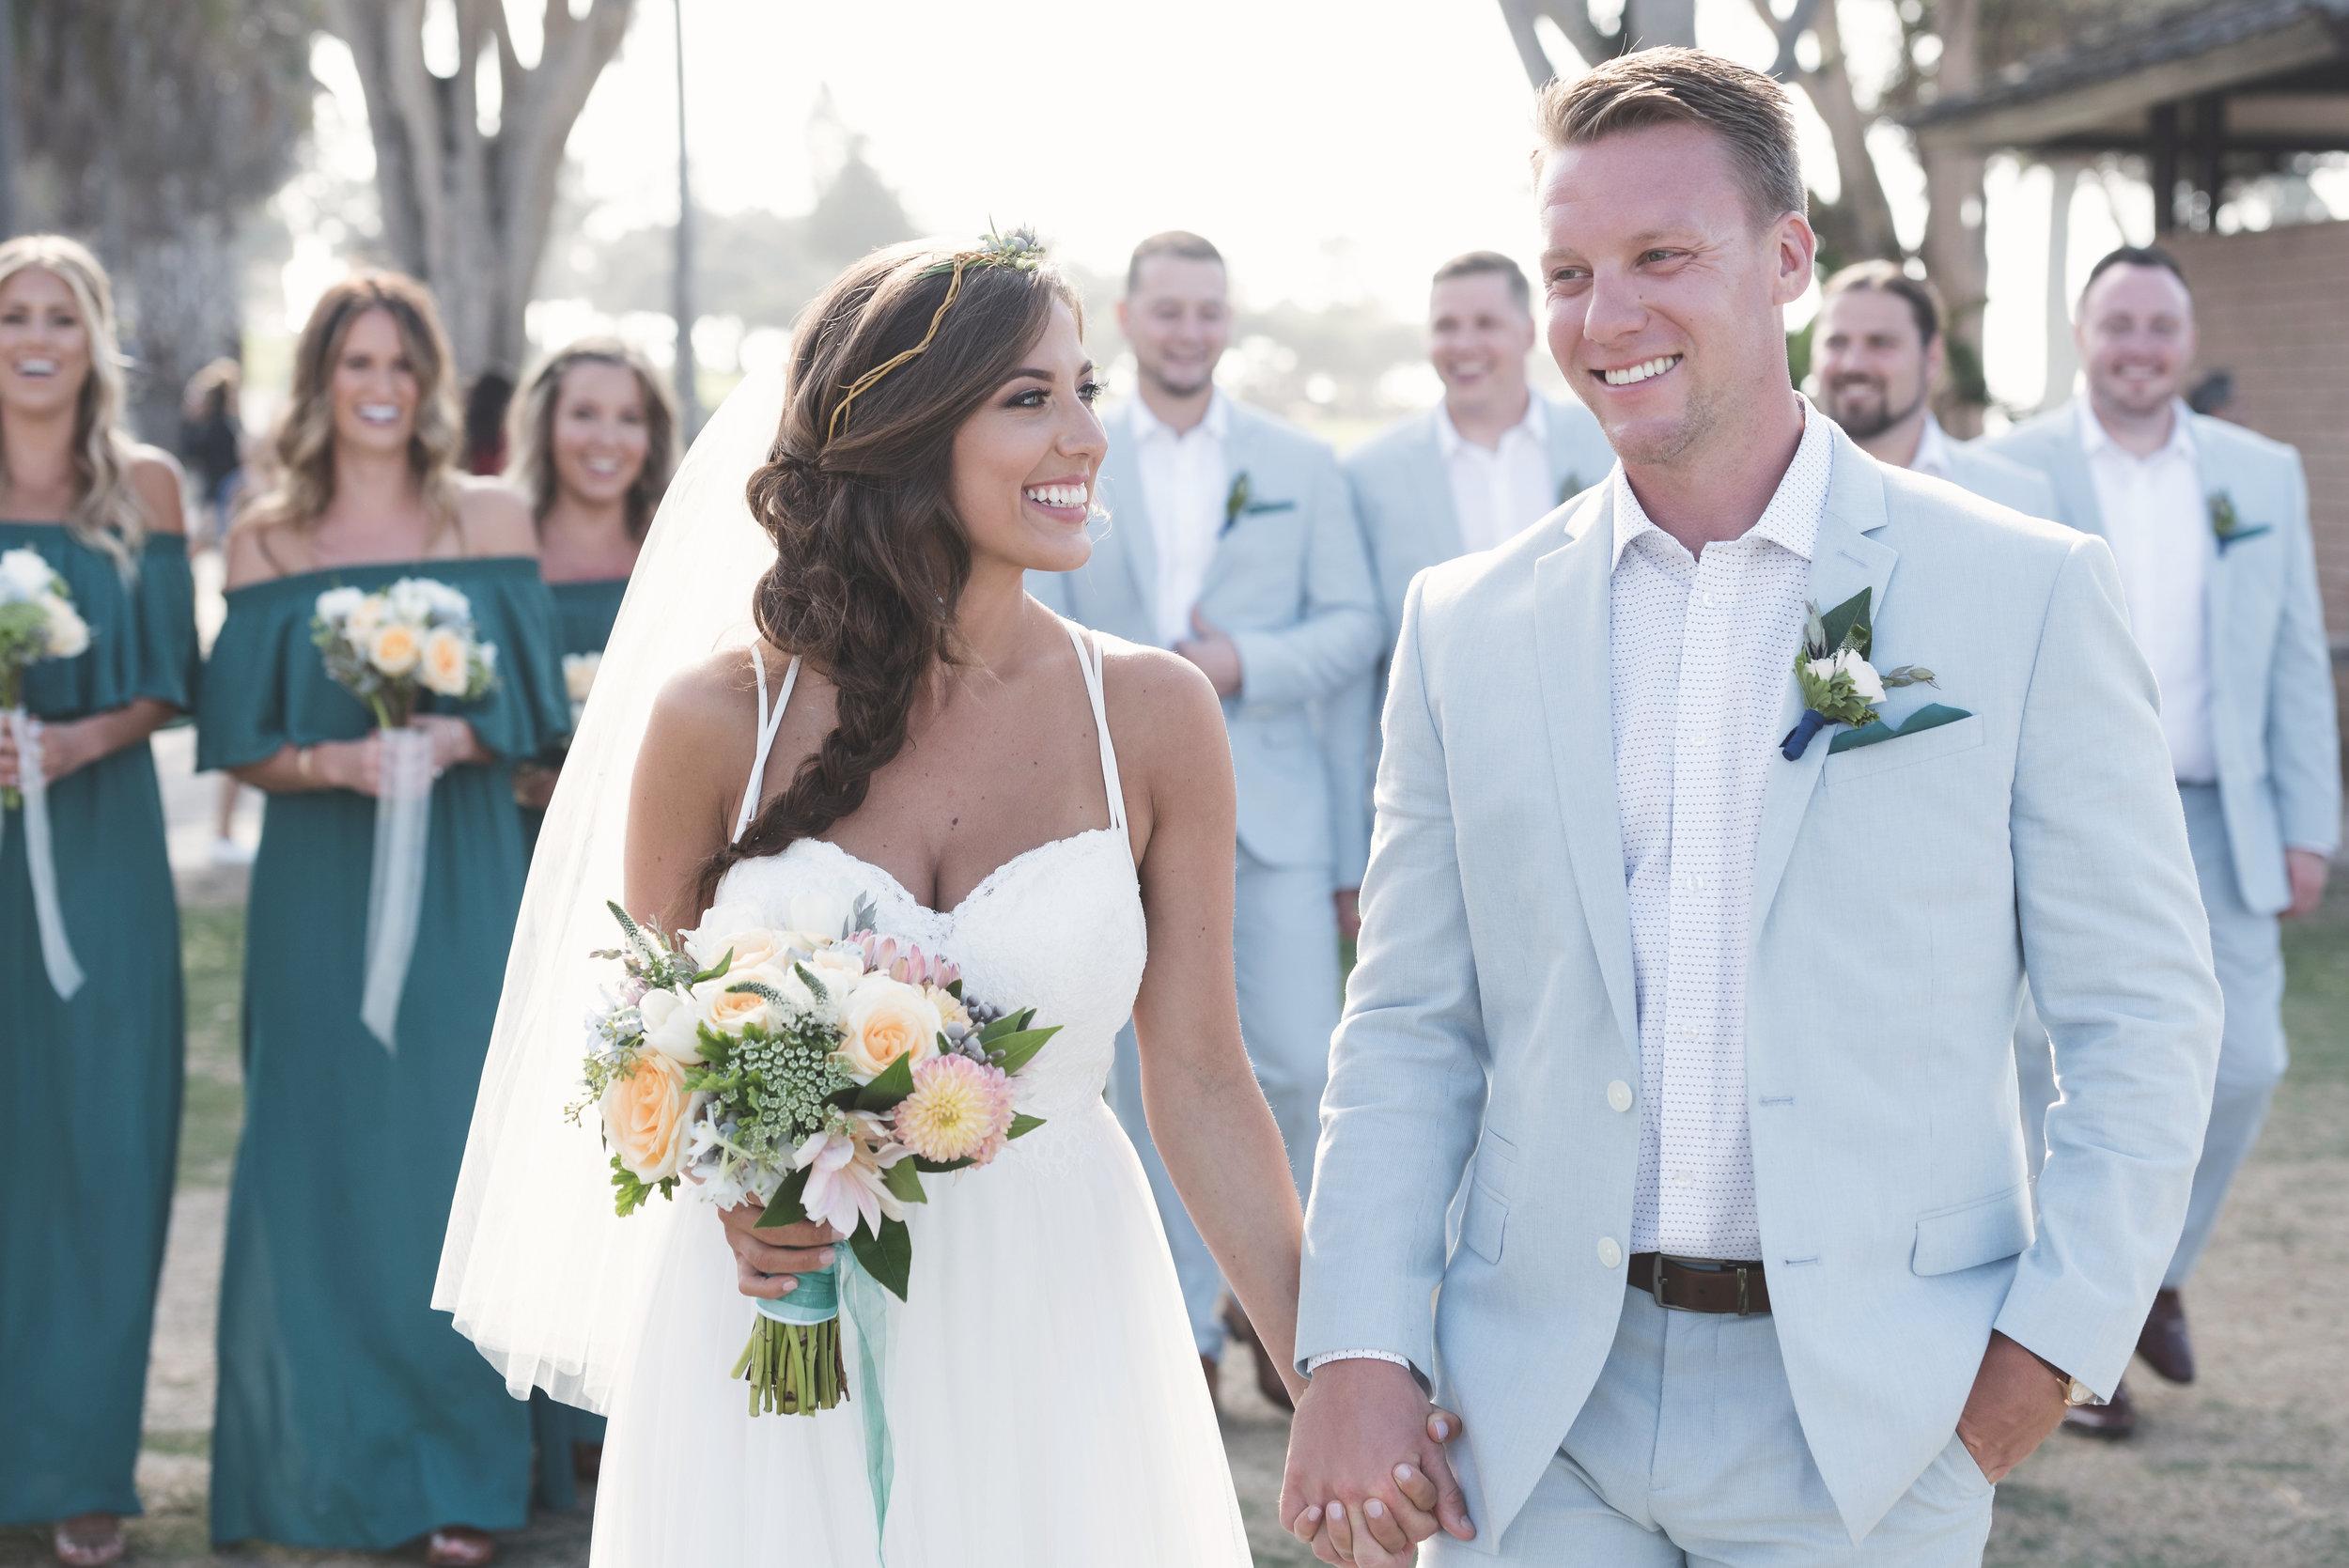 Jenny_and_Matt_wedding-47.jpg